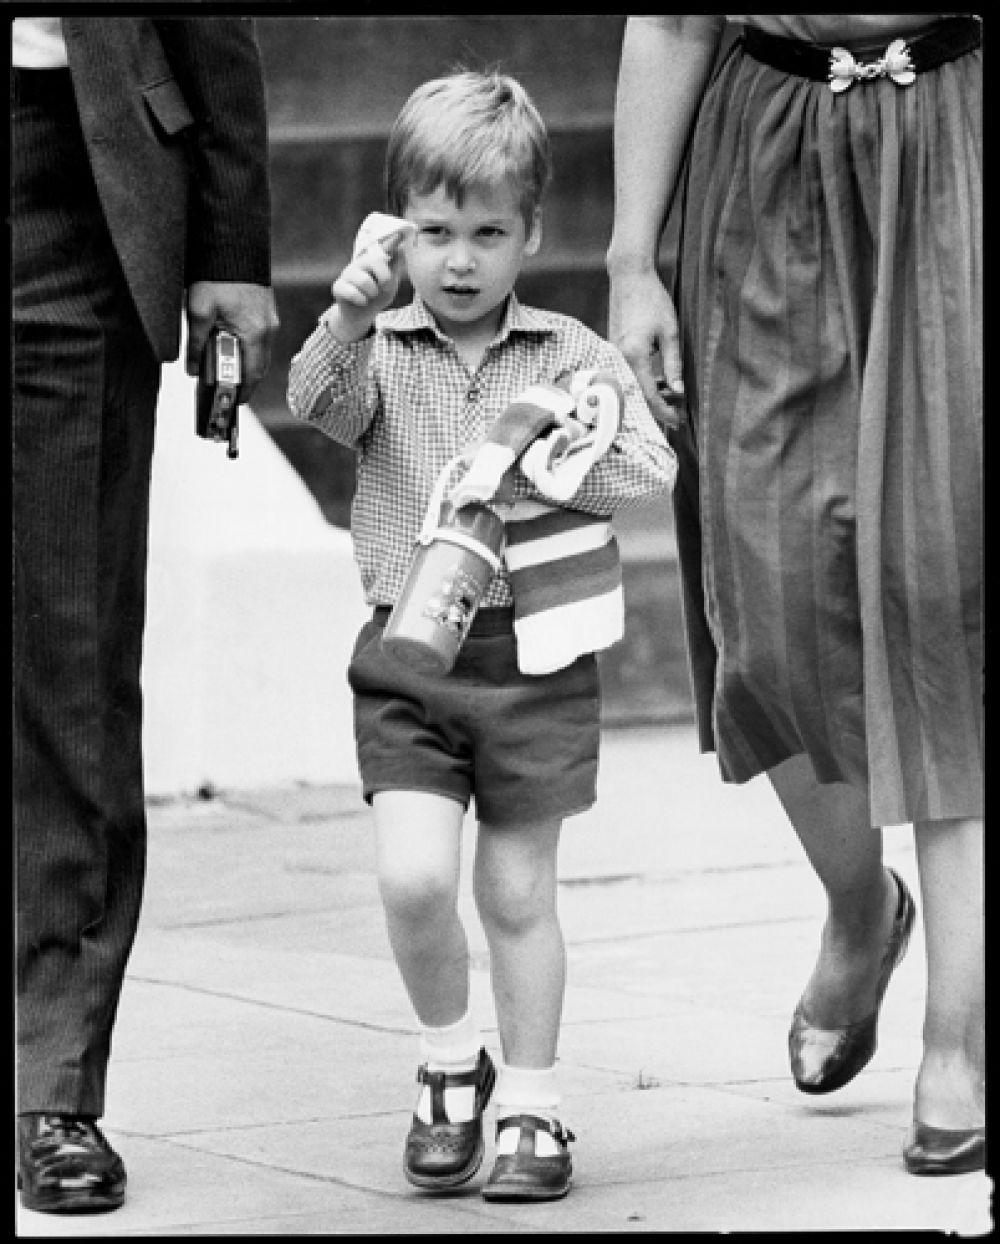 24 сентября 1985 года. Первый день принца Уильяма в детском саду.